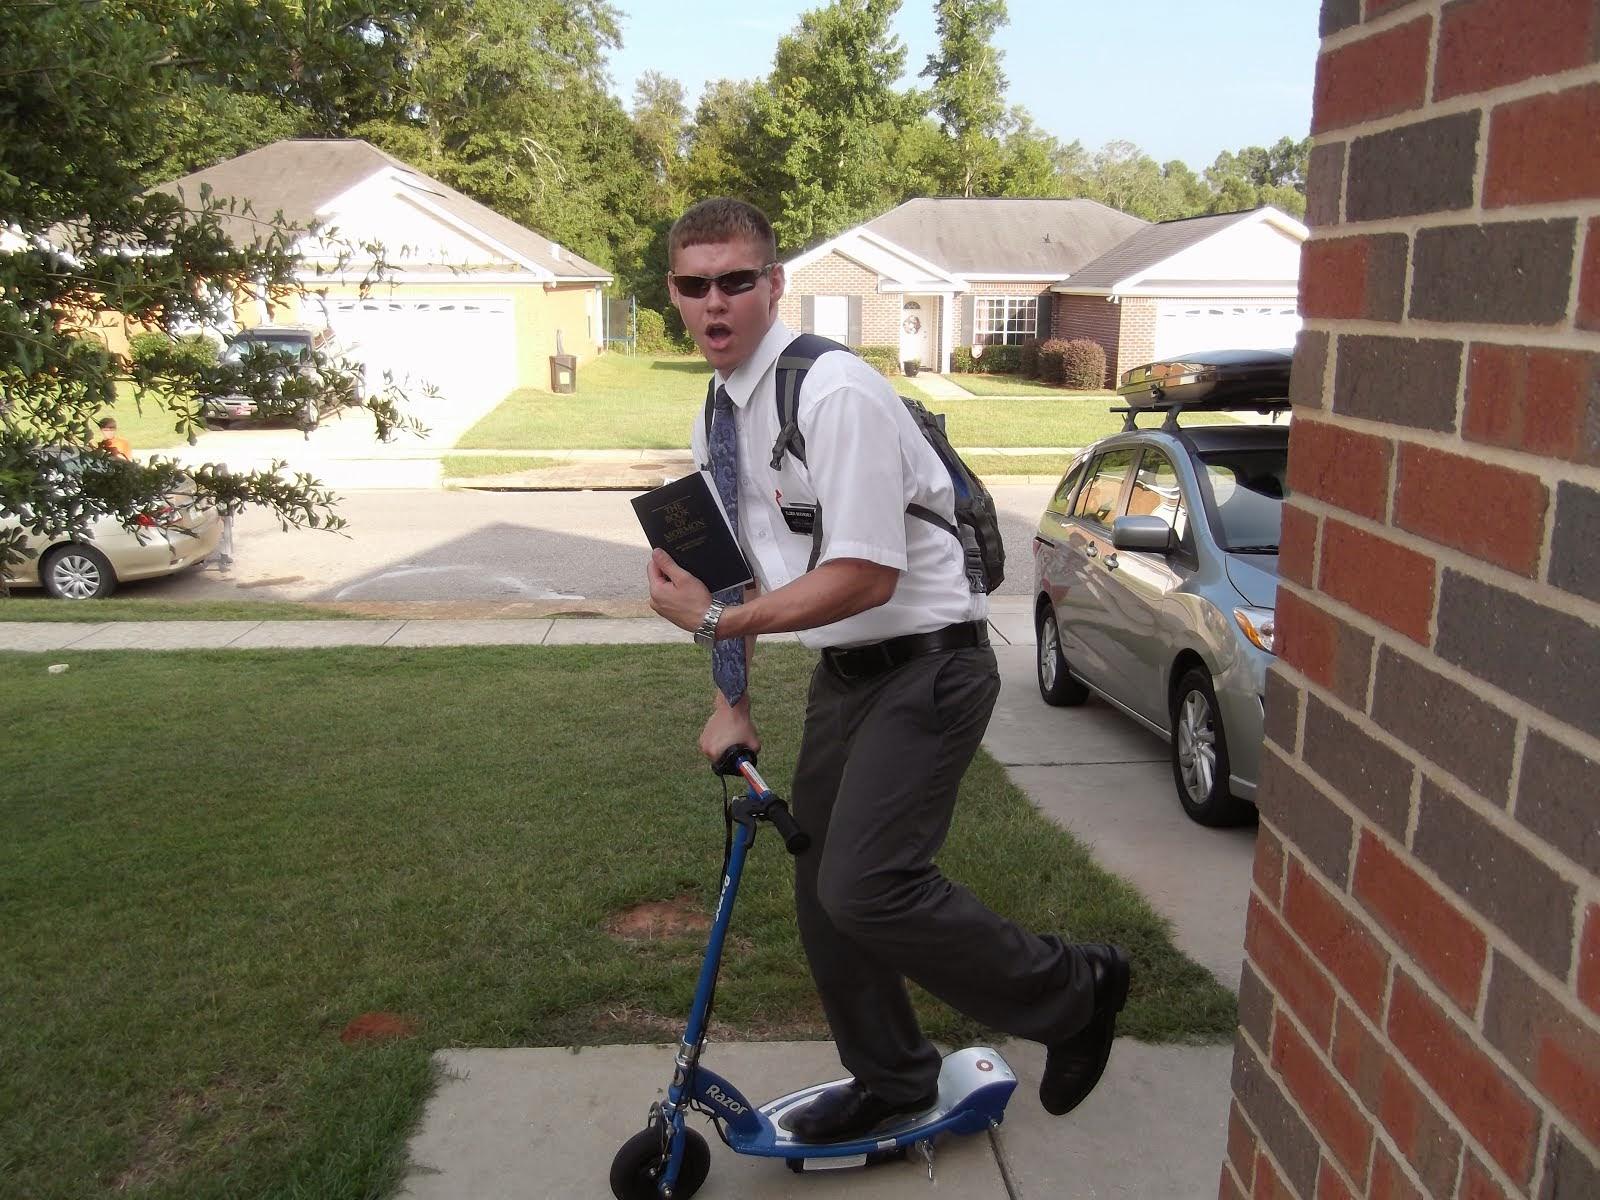 Elder Bochenek rockin the scooter